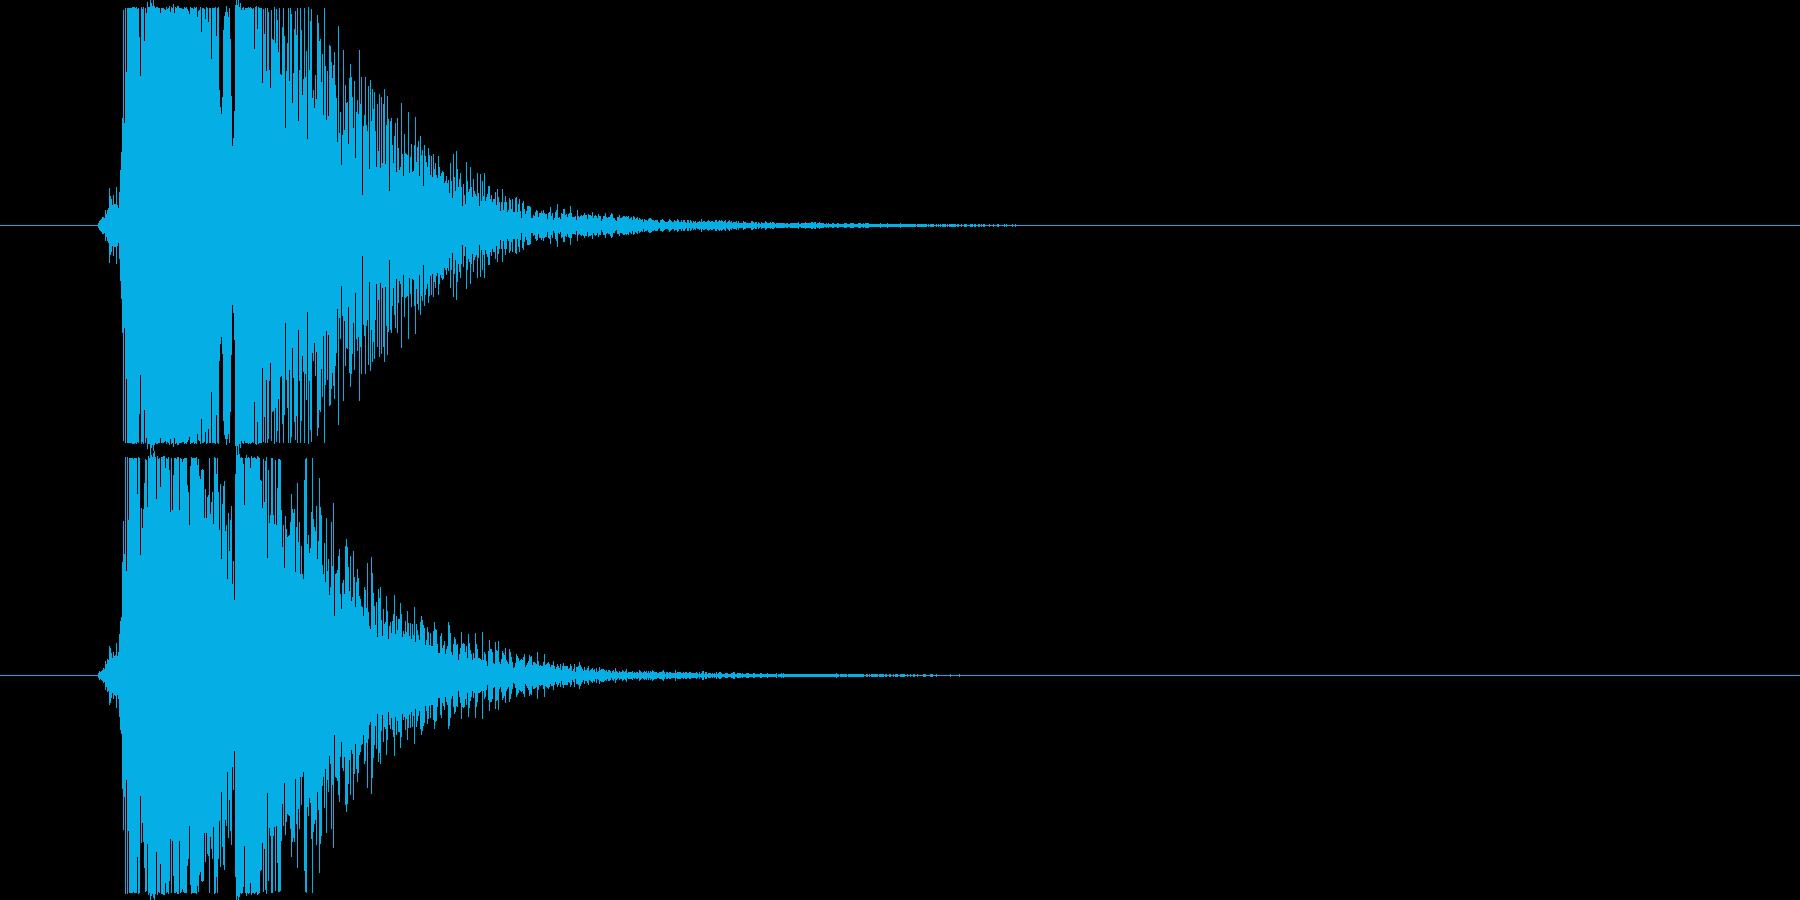 べベン/三味線/和風/掛け声入りの再生済みの波形